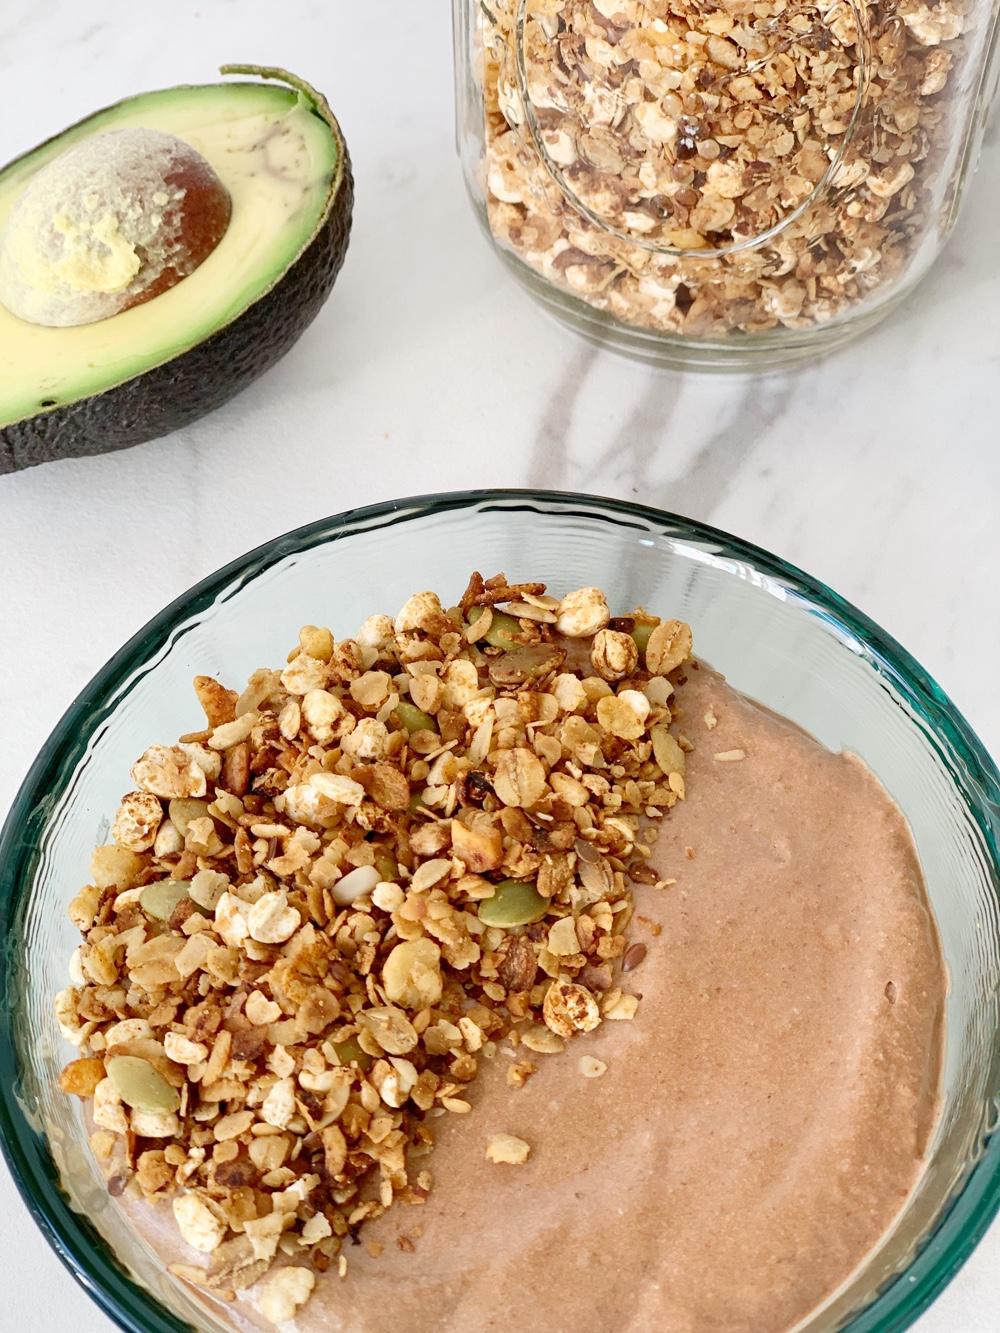 chocoladesmoothie (suikervrij) met avocado en banaan